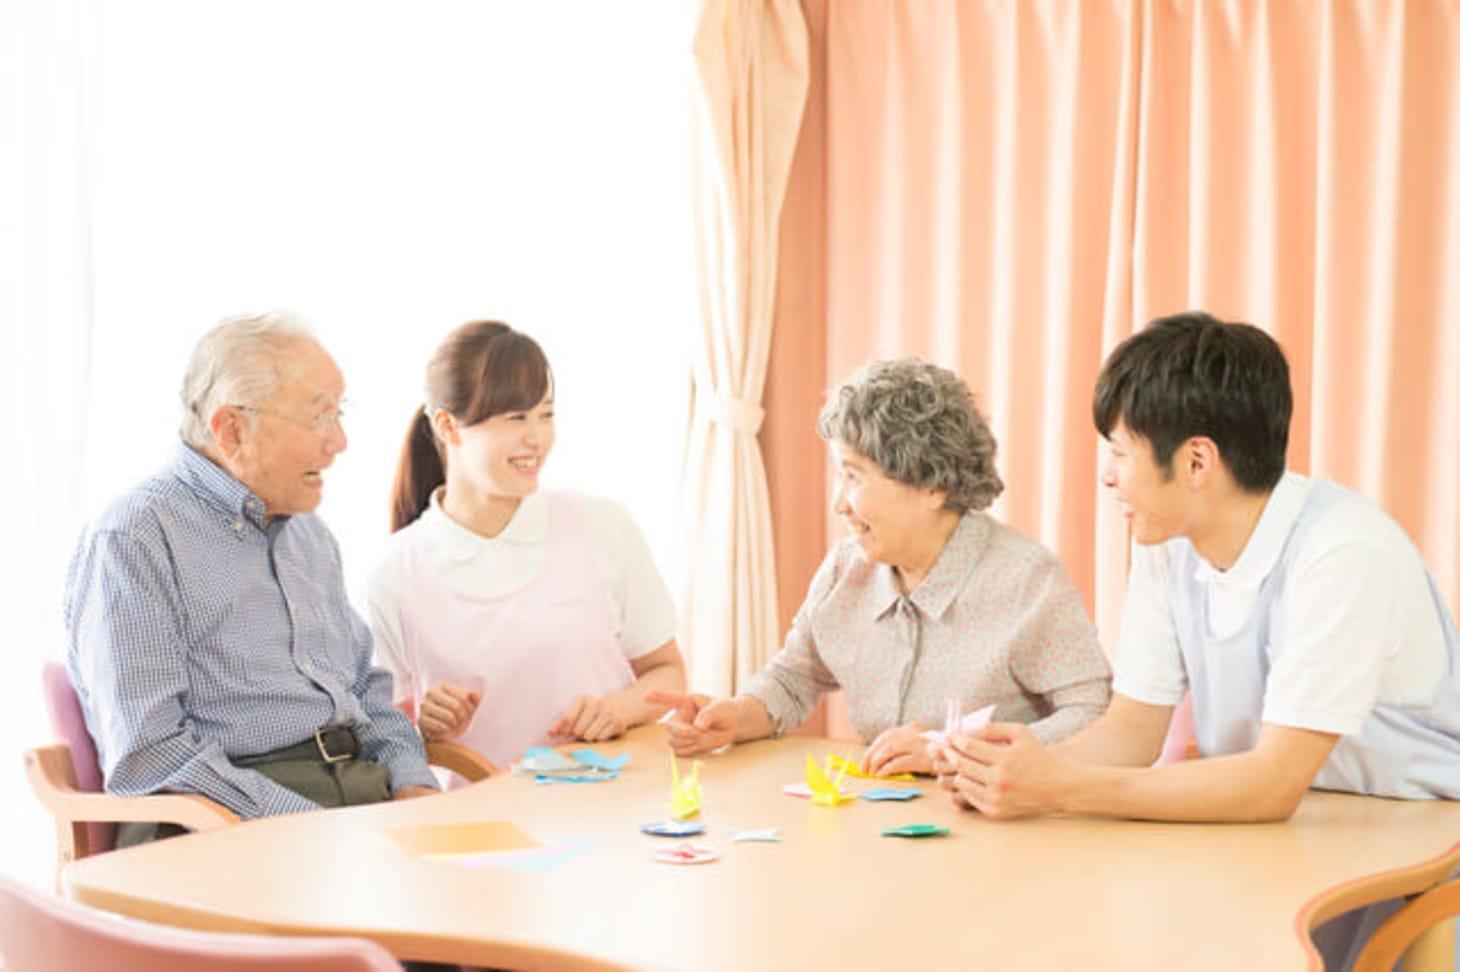 特養(特別養護老人ホーム)の志望動機とは?例文と押さえたいポイント